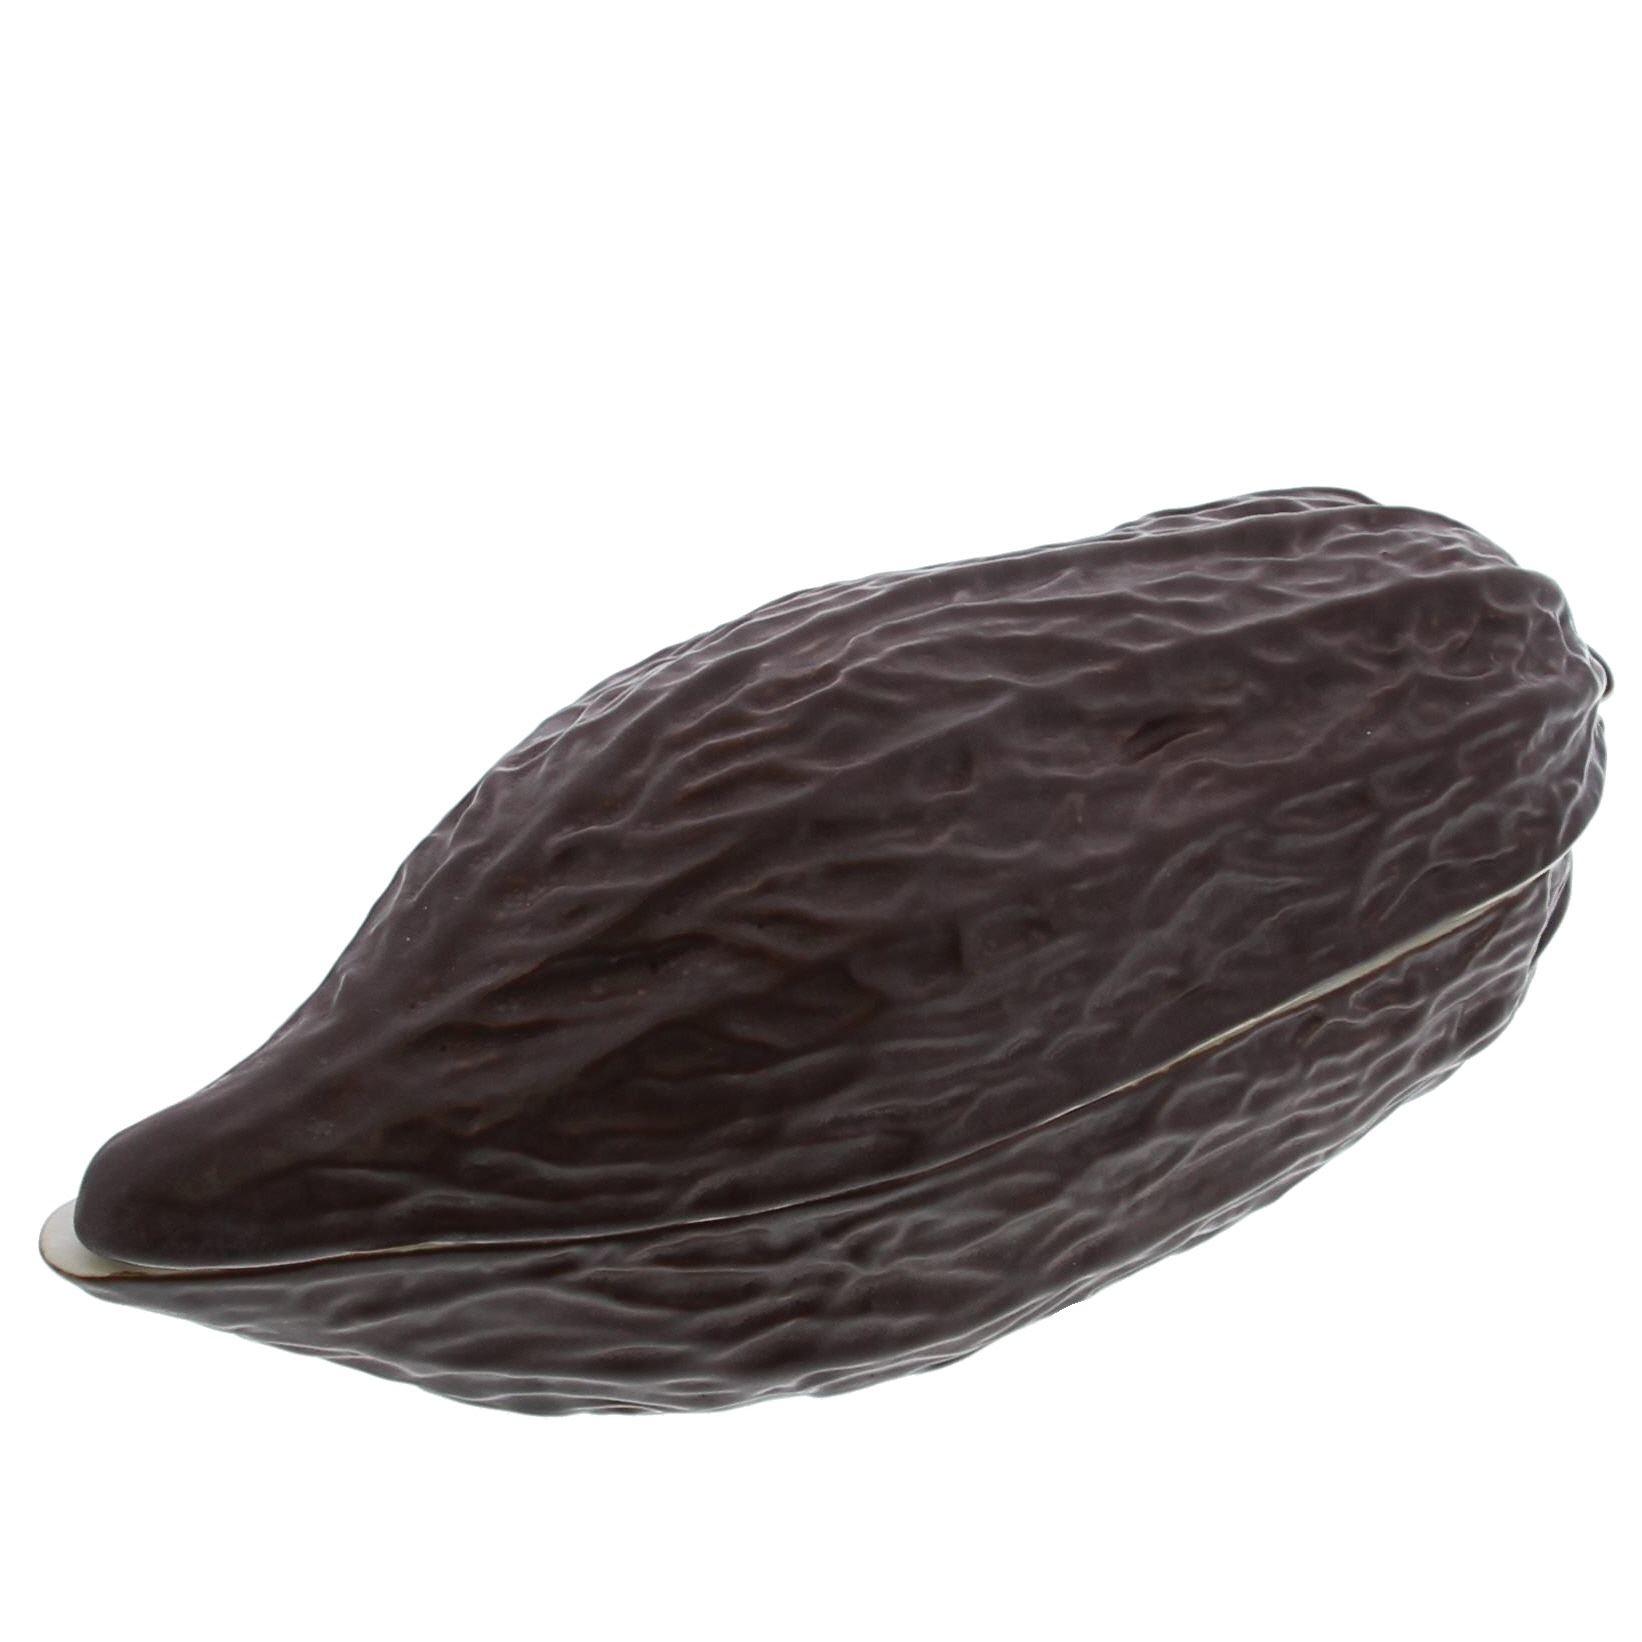 Fève de cacao bonbonnière - disponible en 2 dimensions